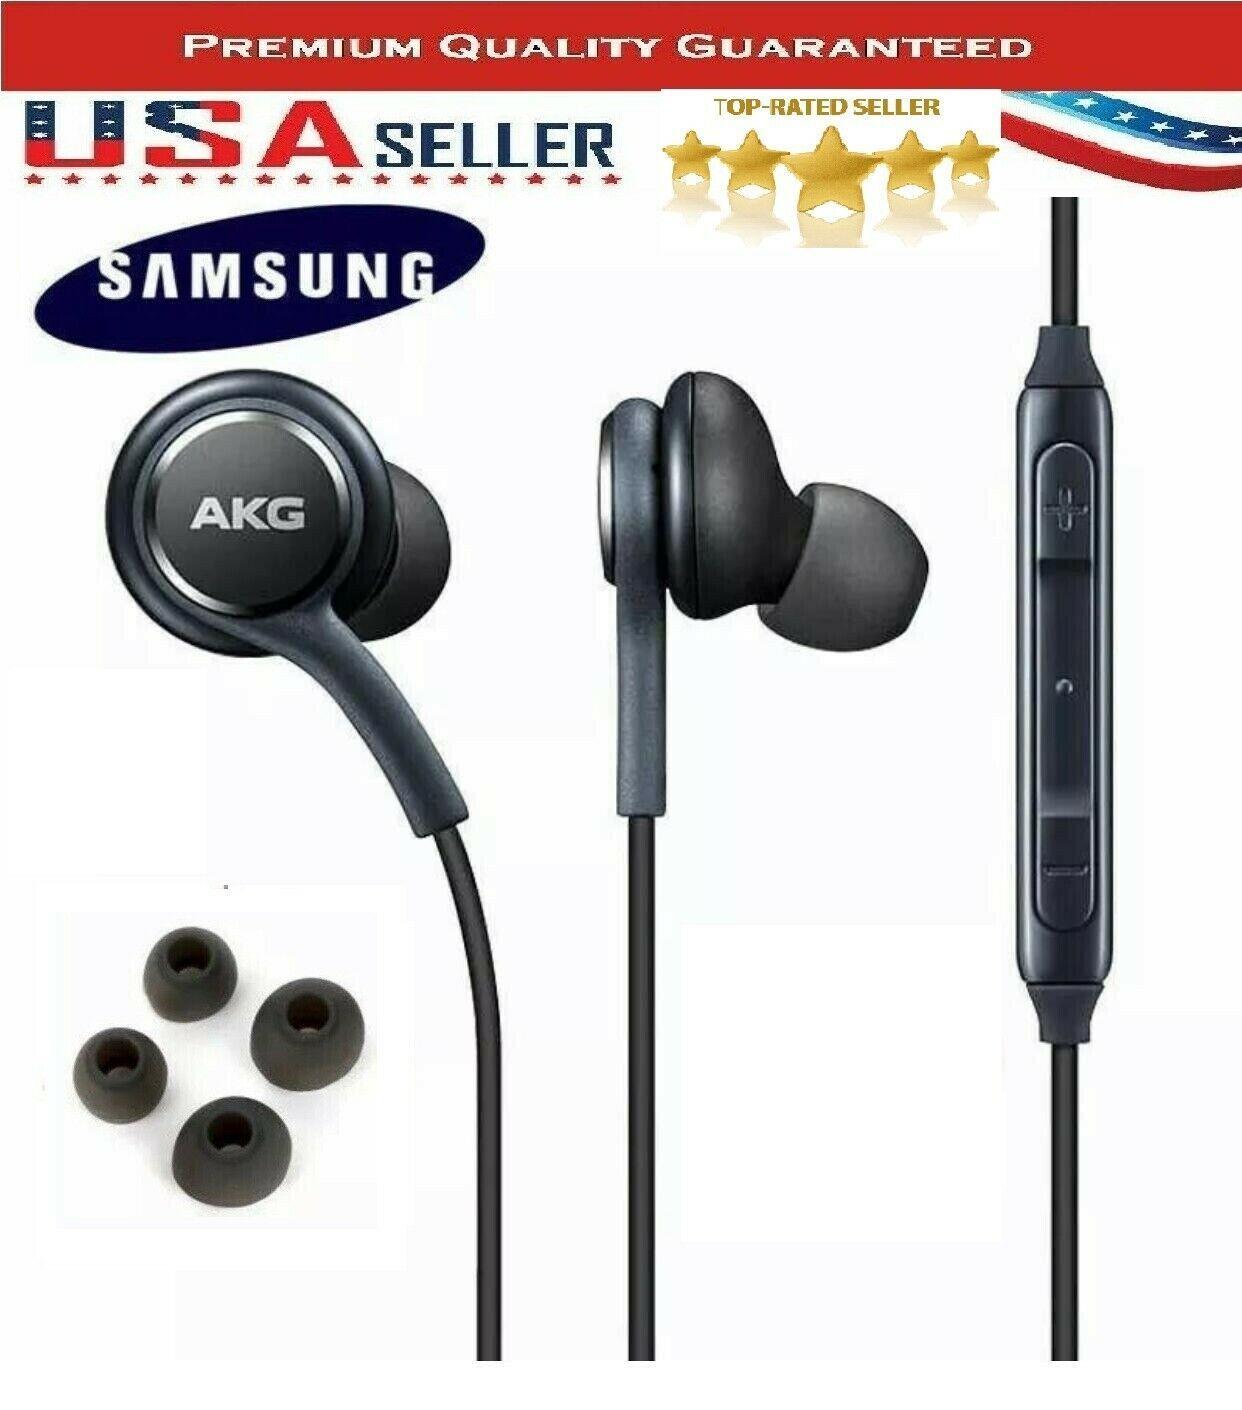 New Original Genuine Samsung Akg Stereo Headphones Earphones In Ear Earbuds Smart Product Affiliate In 2020 Headphones Stereo Headphones Earbuds